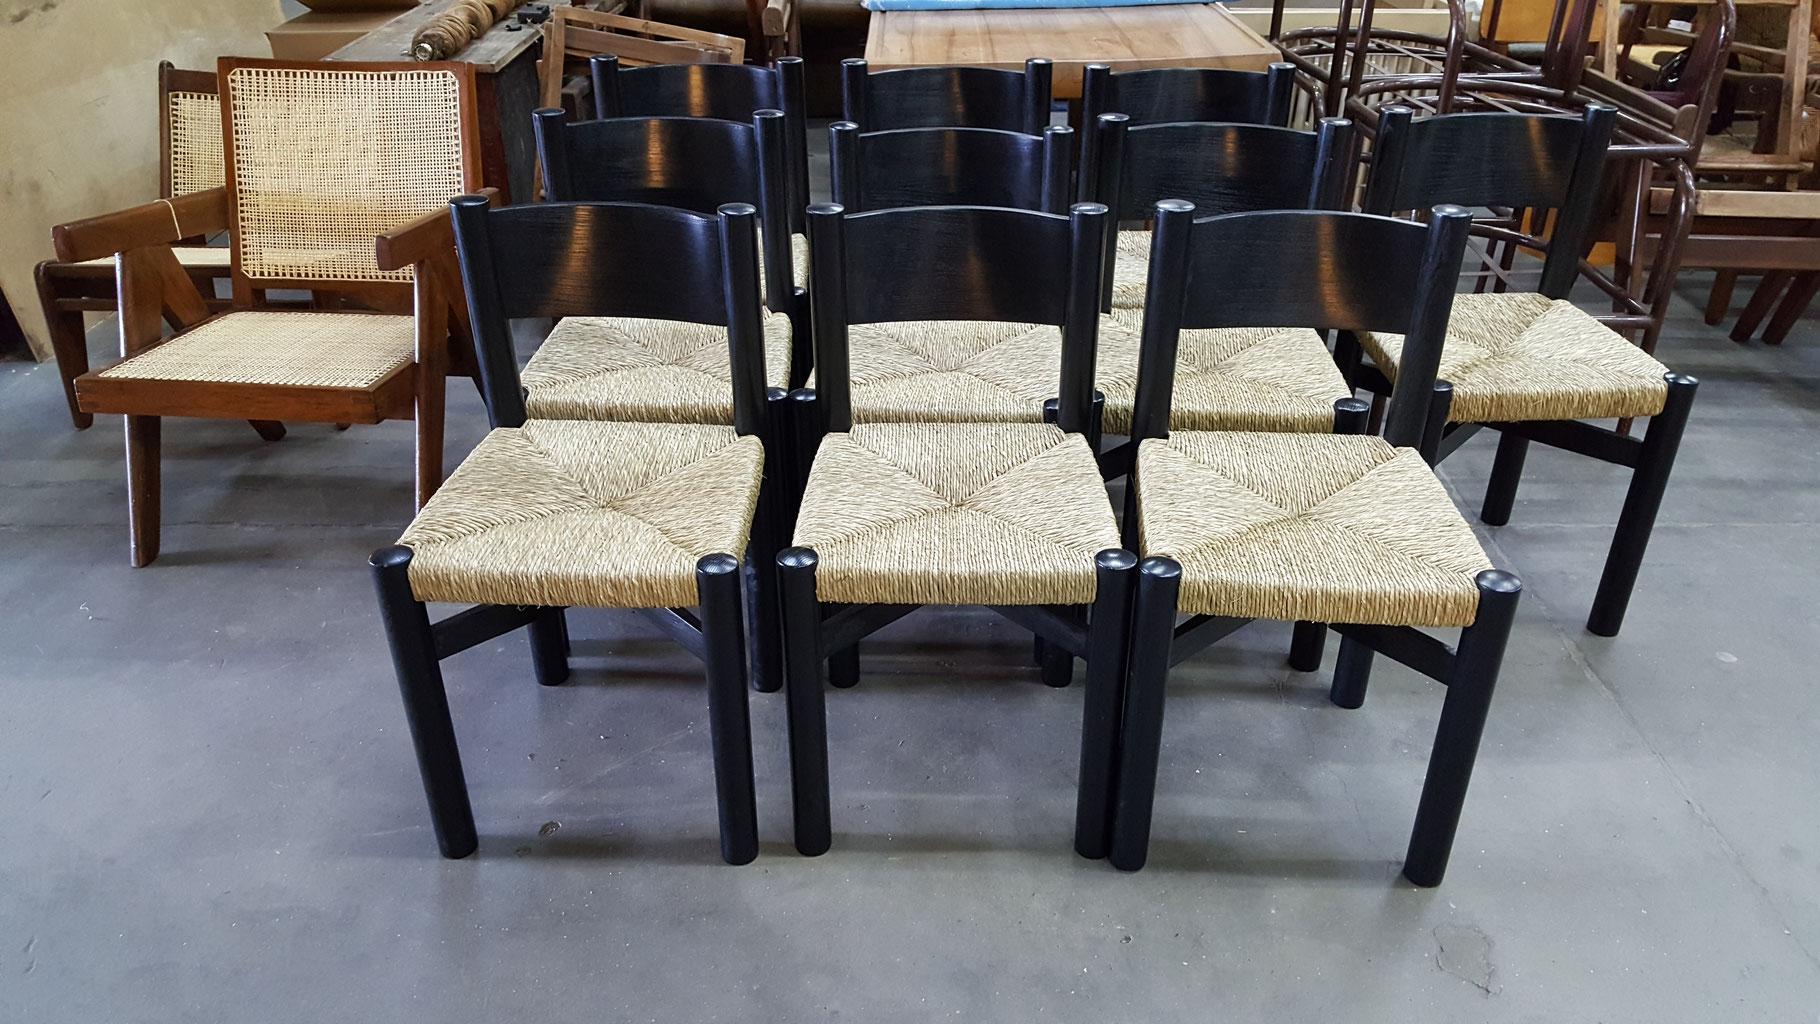 r paration cannage chaise rempailleur fauteuil rempaillage rotin nouveaux sieges. Black Bedroom Furniture Sets. Home Design Ideas